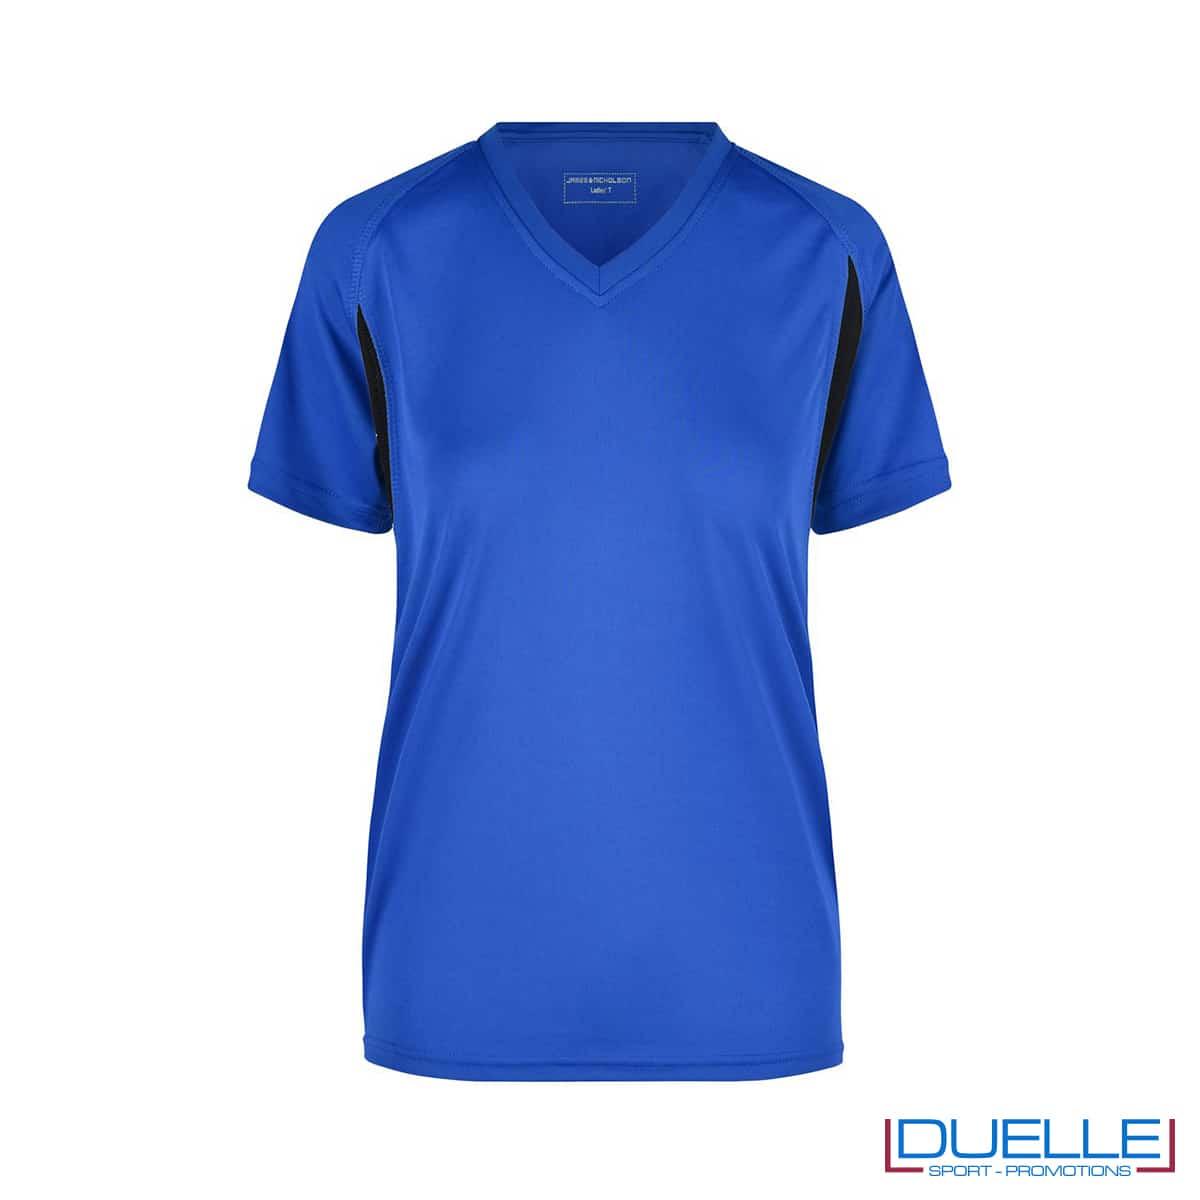 T-shirt running donna personalizzata colore blu royal-nero